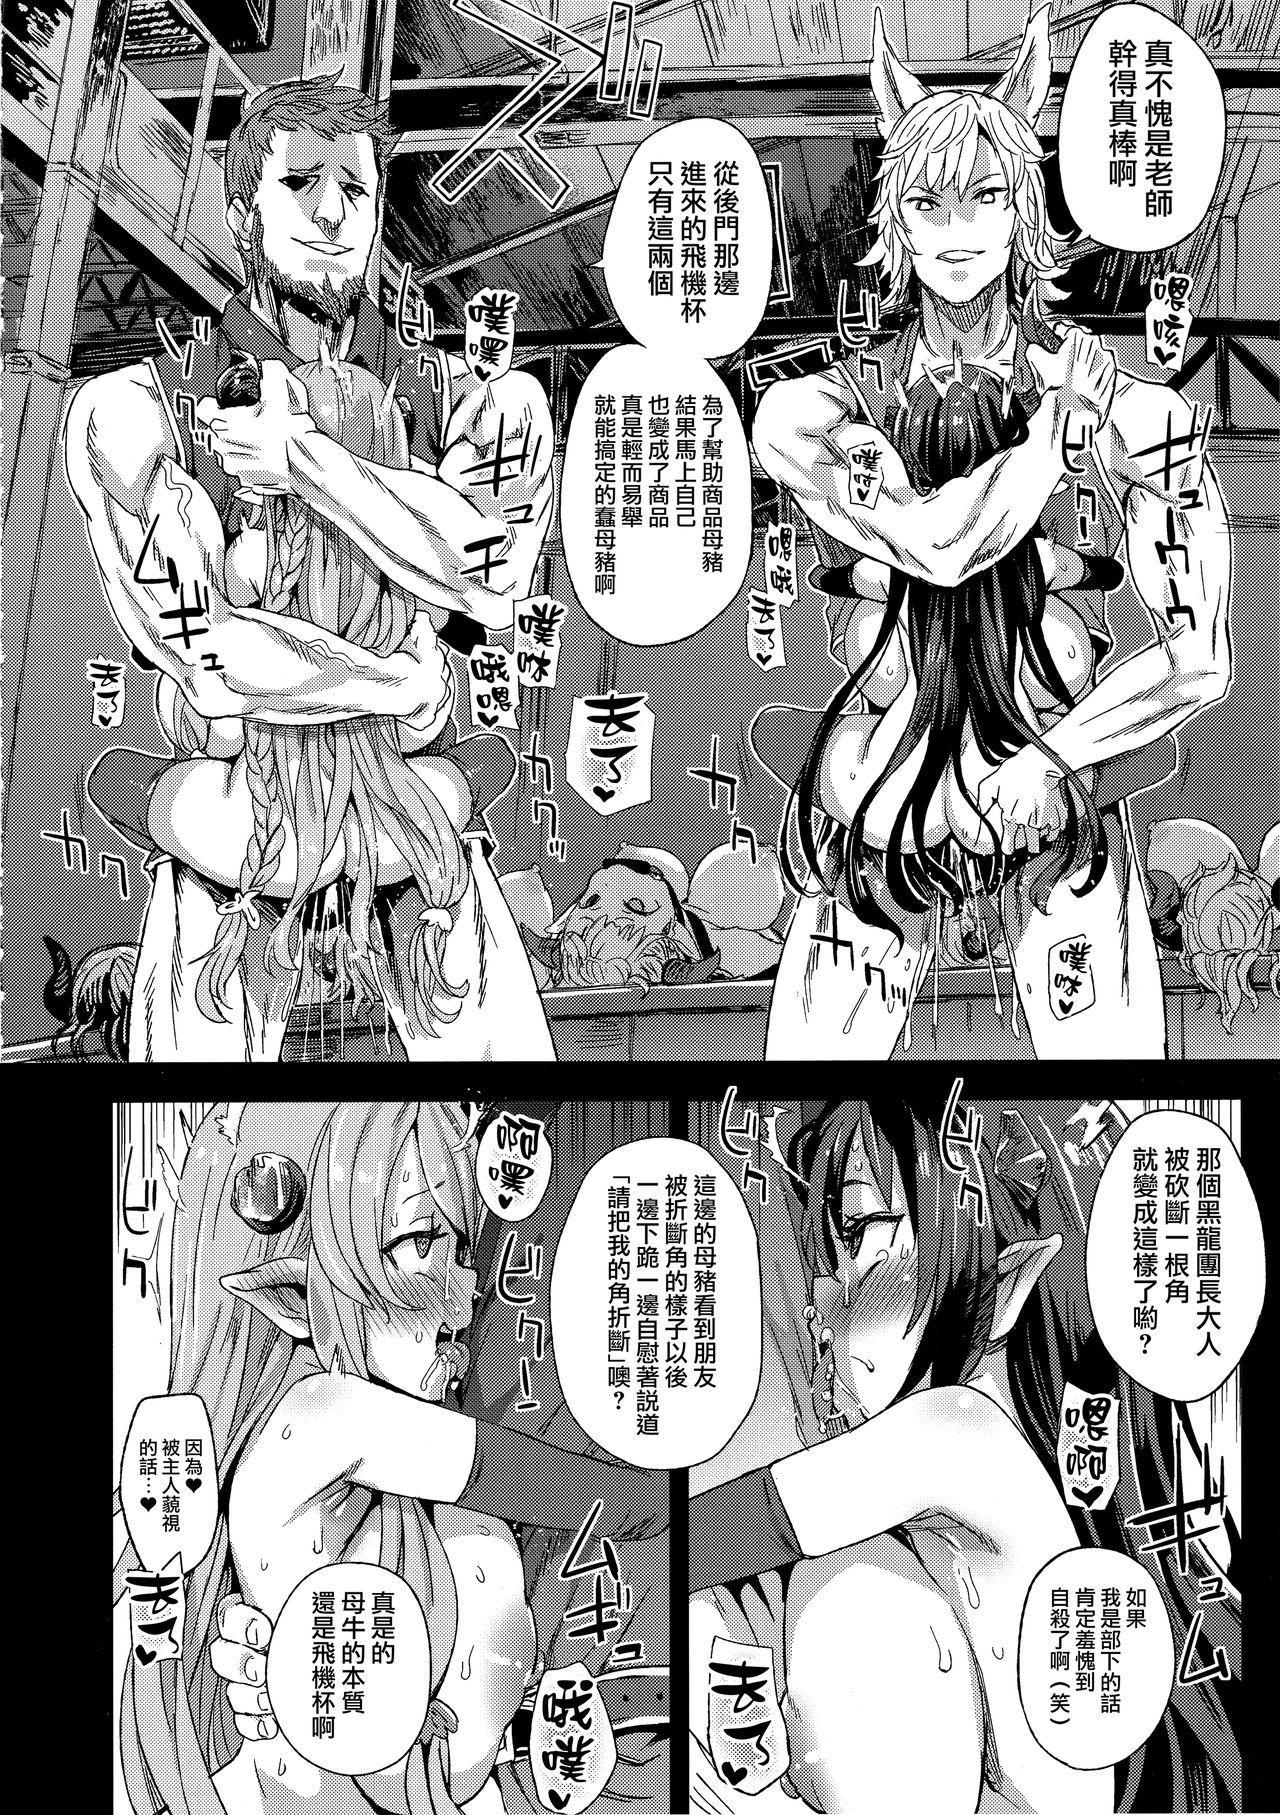 VictimGirls25 Dekachichi Teishinchou Shuzoku ♀ no Tsuno o Oru Hanashi 18